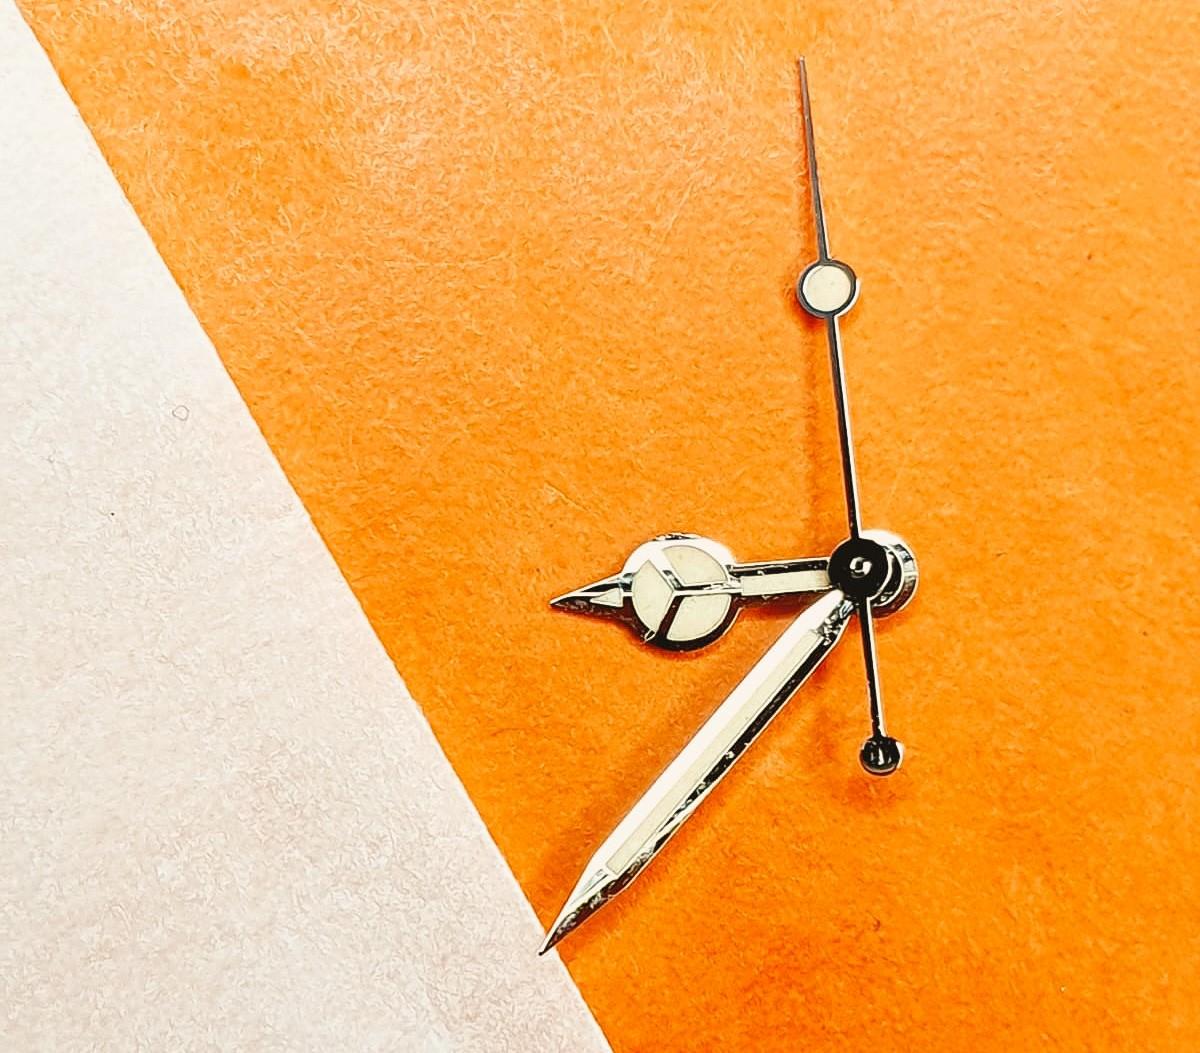 ROLEX CREAM COLOR ORIGINAL SUBMARINER 1680, SEA-DWELLER 1665 TRITIUM HANDSET WATCH MERCEDES Cal 1570,1530